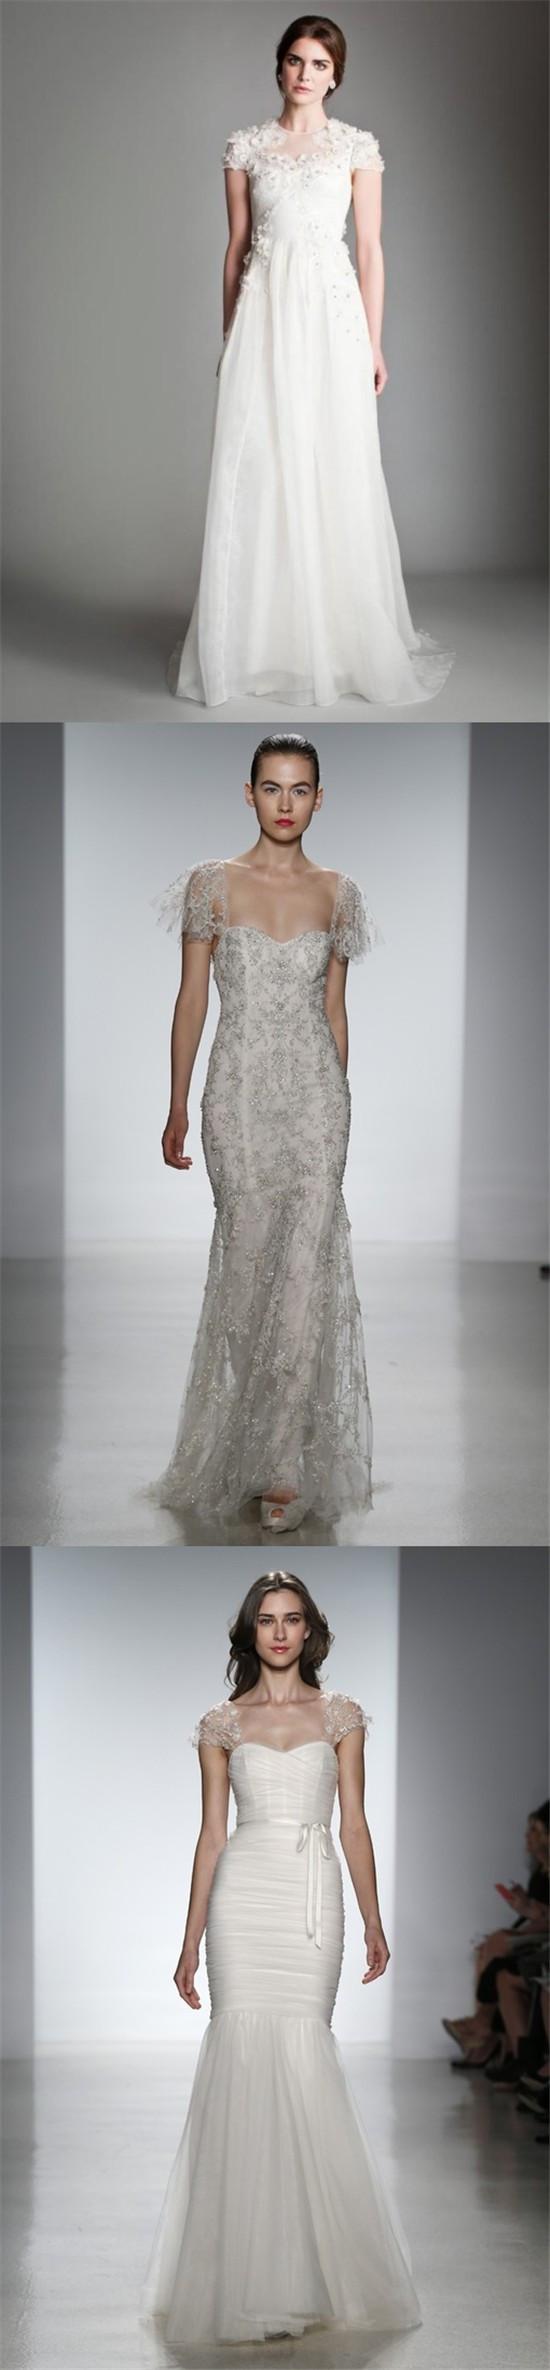 Trois robes pour la mariée avec mancherons dans les collections Printemps-Été 2014 de Kenneth Pool, Temperley et Christos